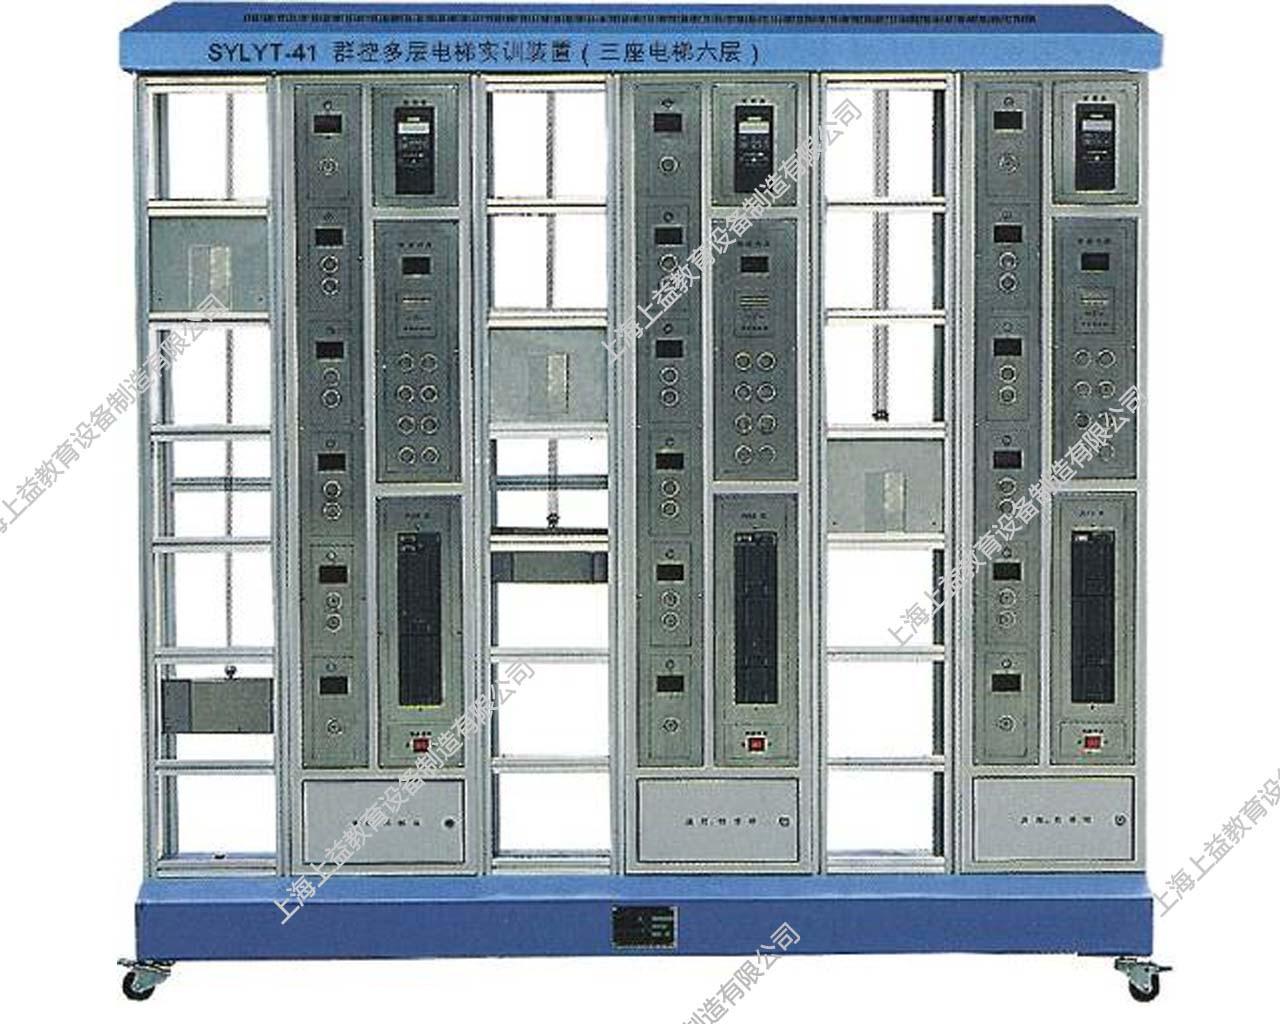 SYLYT-41群控多层电梯wwwlehu8vip装置(三座电梯六层)